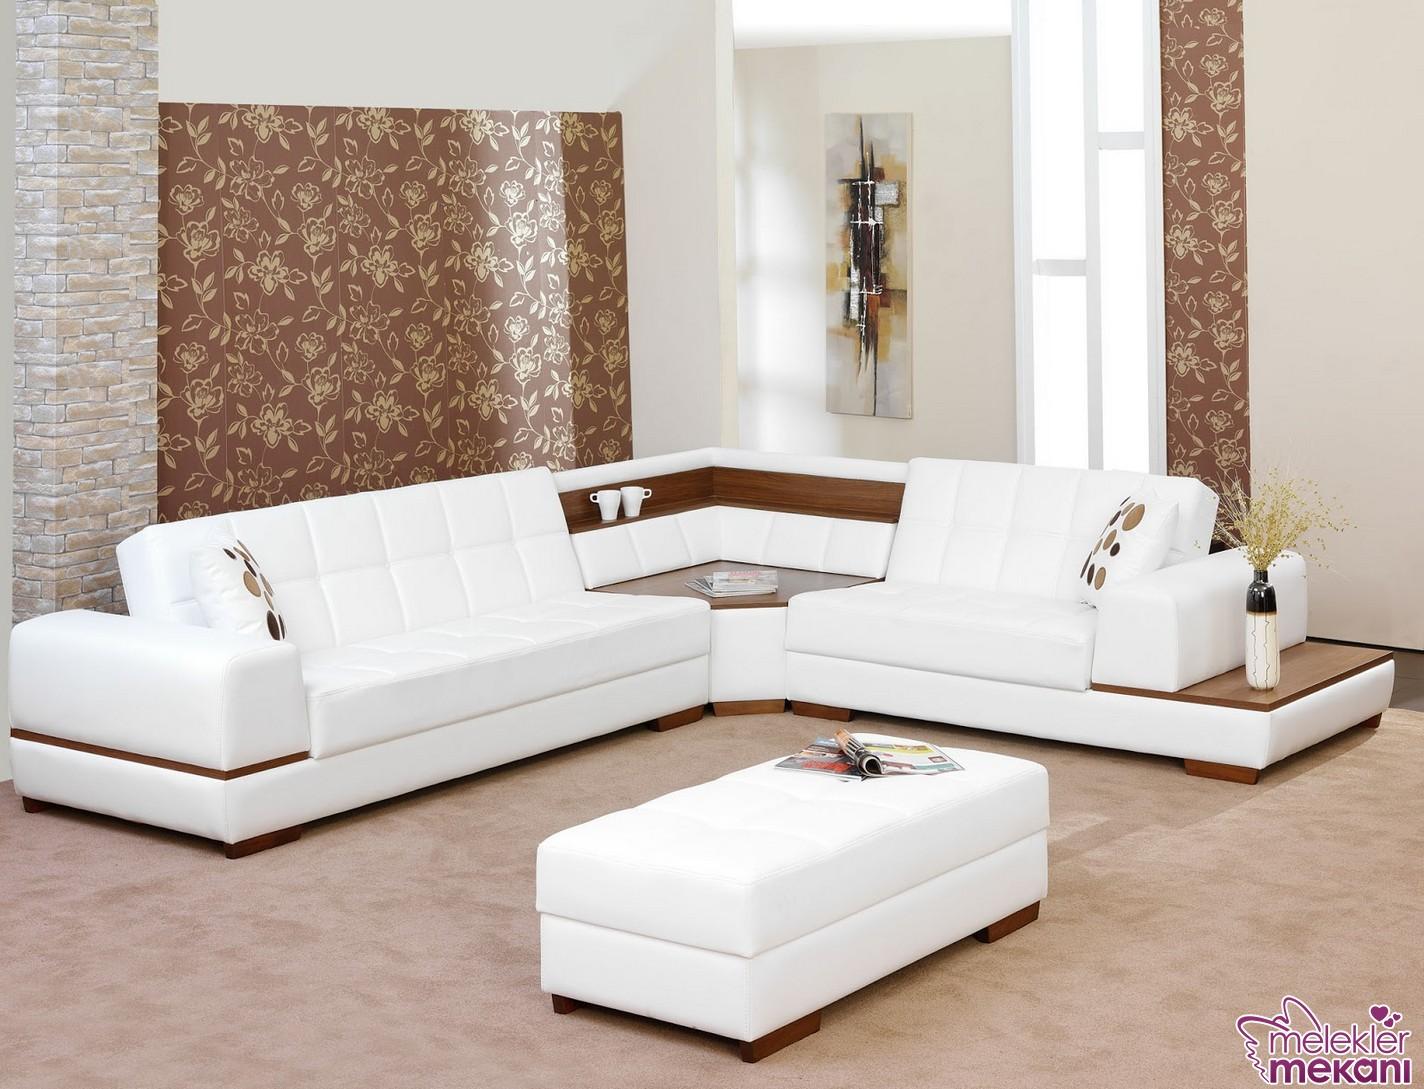 Aldora mobilya beyaz modern köşe takımı tercihi ile kaliteli görünümler dekorasyonlarınızı bütünleyebilecek.